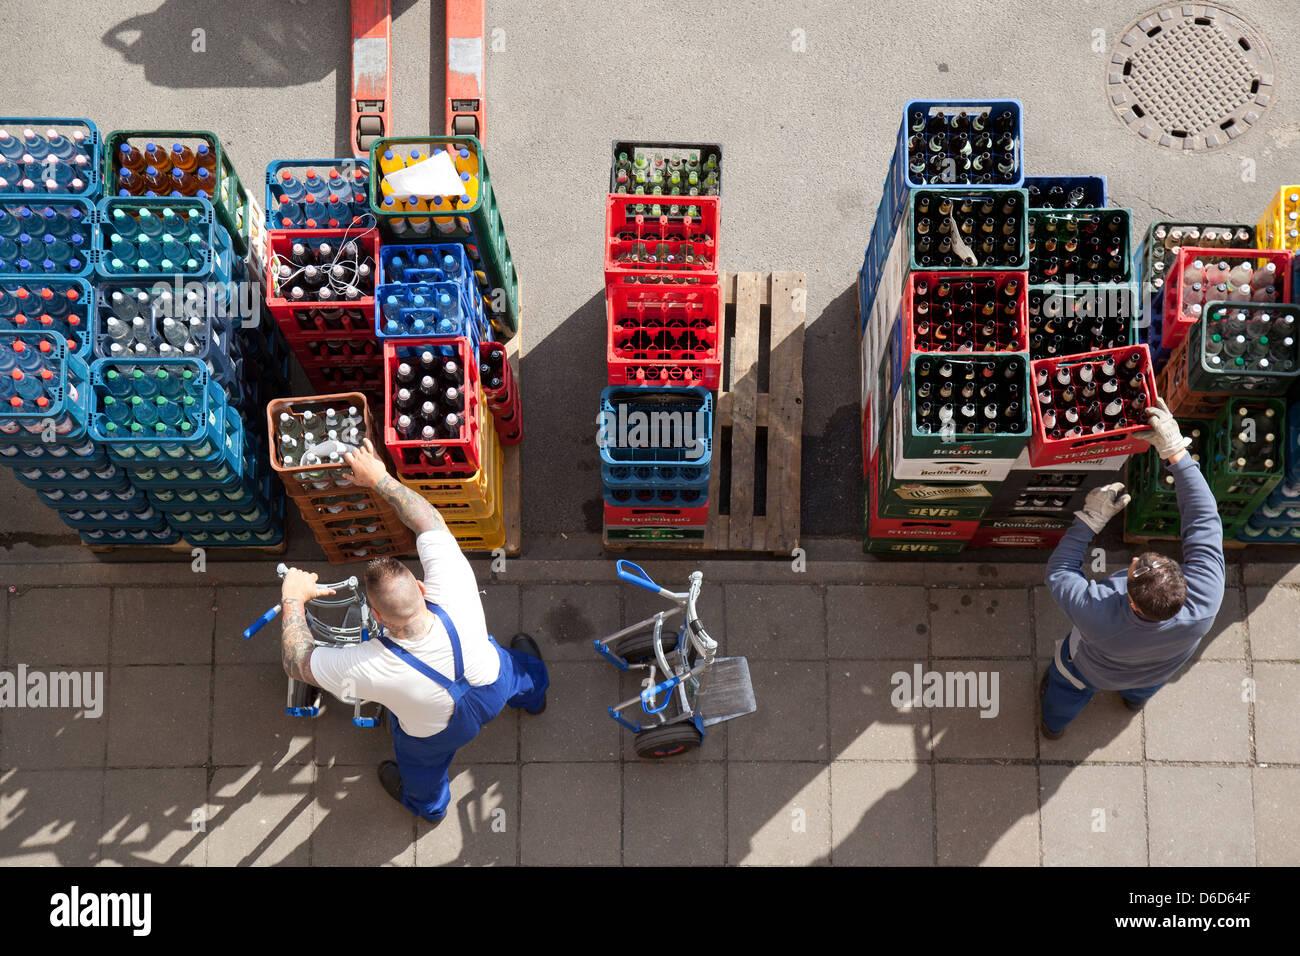 Berlín, Alemania, dos hombres ofrecen Getraenkekisten Imagen De Stock